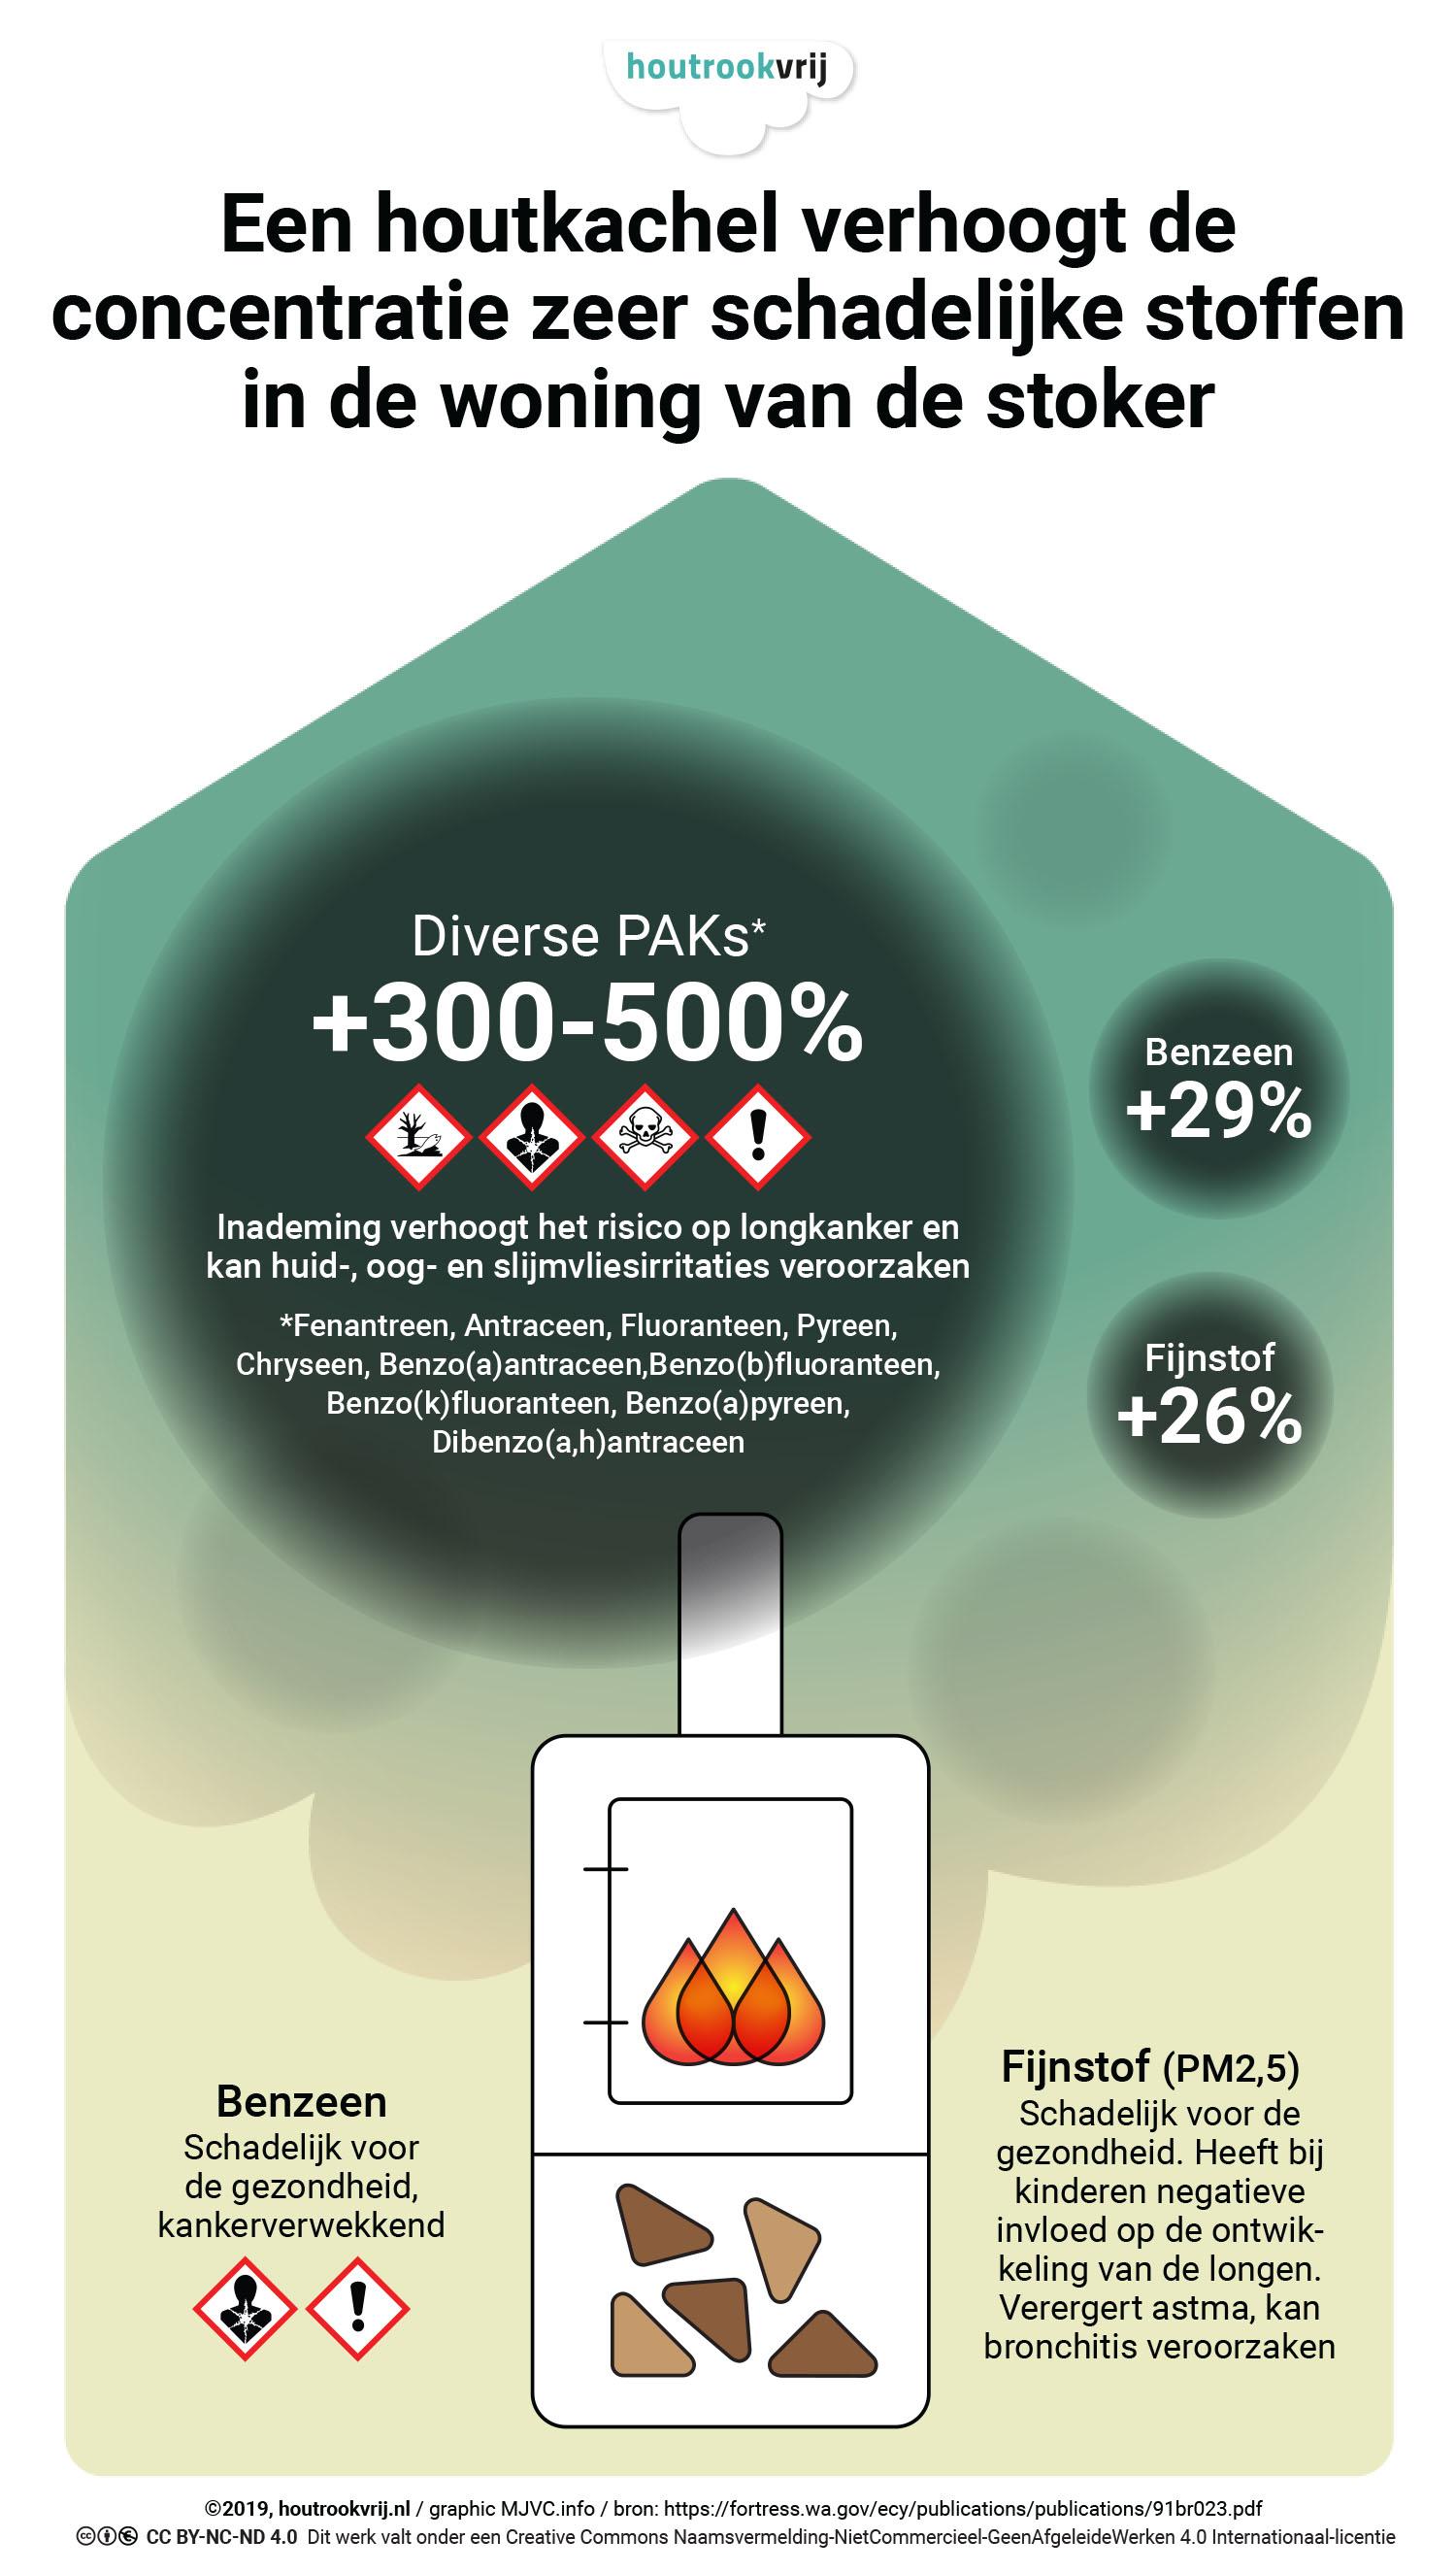 Graphic luchtverontreiniging in huizen met een houtkachel